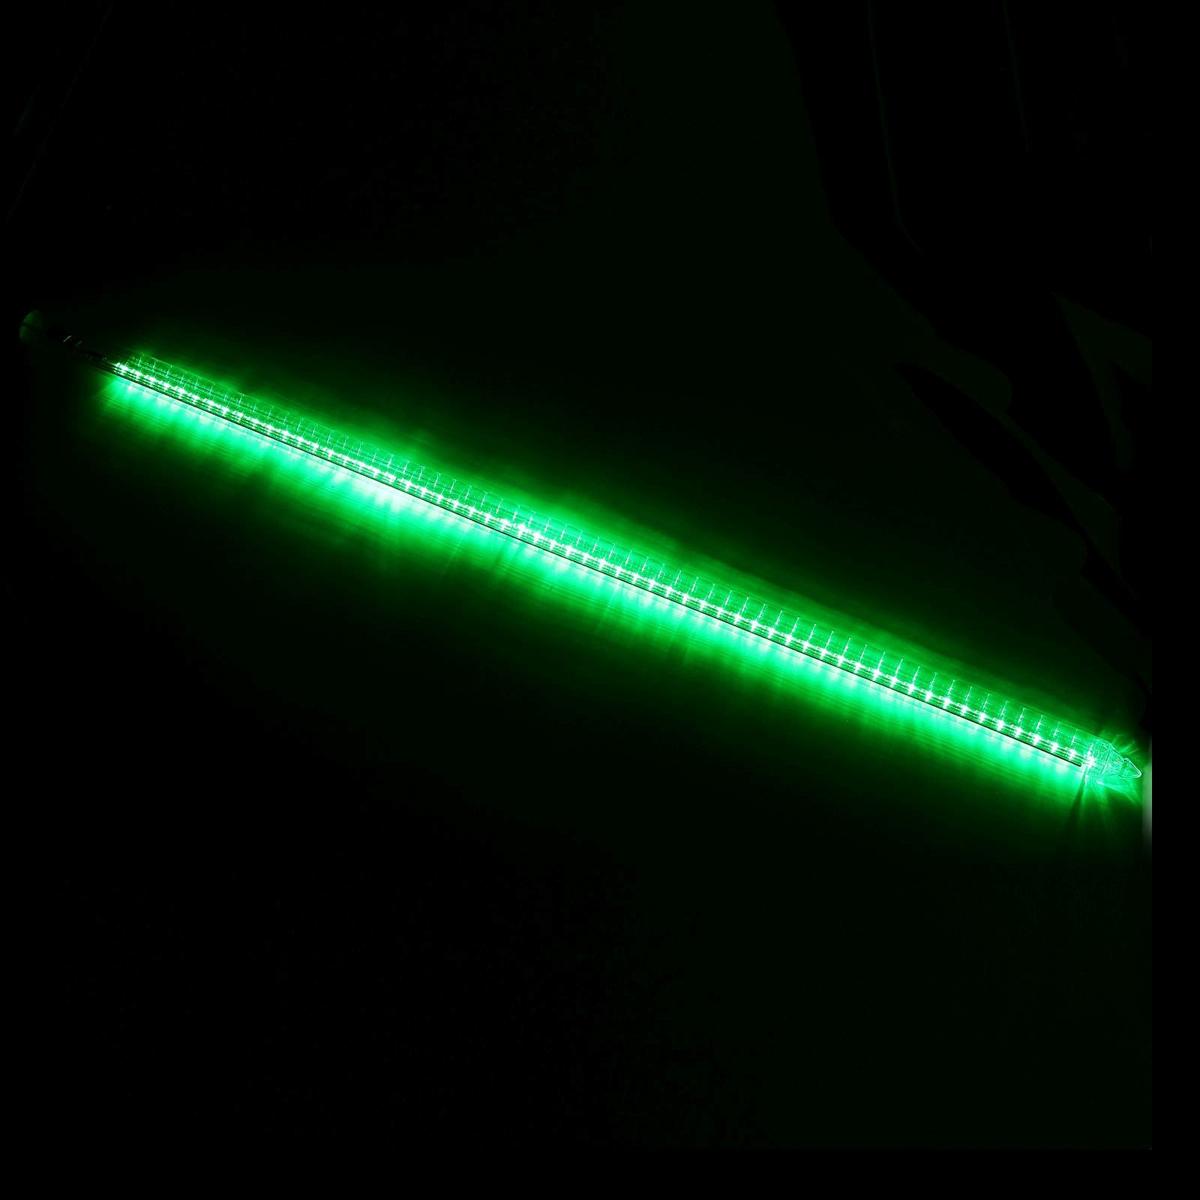 Светодиодная сосулька Luazon Тающая, длина 1 м, диаметр 3 см, LED 60 ламп, 220V, цвет: зеленый678889Светодиодные гирлянды, ленты и т.д — это отличный вариант для новогоднего оформления интерьера или фасада. С их помощью помещение любого размера можно превратить в праздничный зал, а внешние элементы зданий, украшенные ими, мгновенно станут напоминать очертания сказочного дворца. Такие украшения создают ауру предвкушения чуда. Деревья, фасады, витрины, окна и арки будто специально созданы, чтобы вы украсили их светящимися нитями.